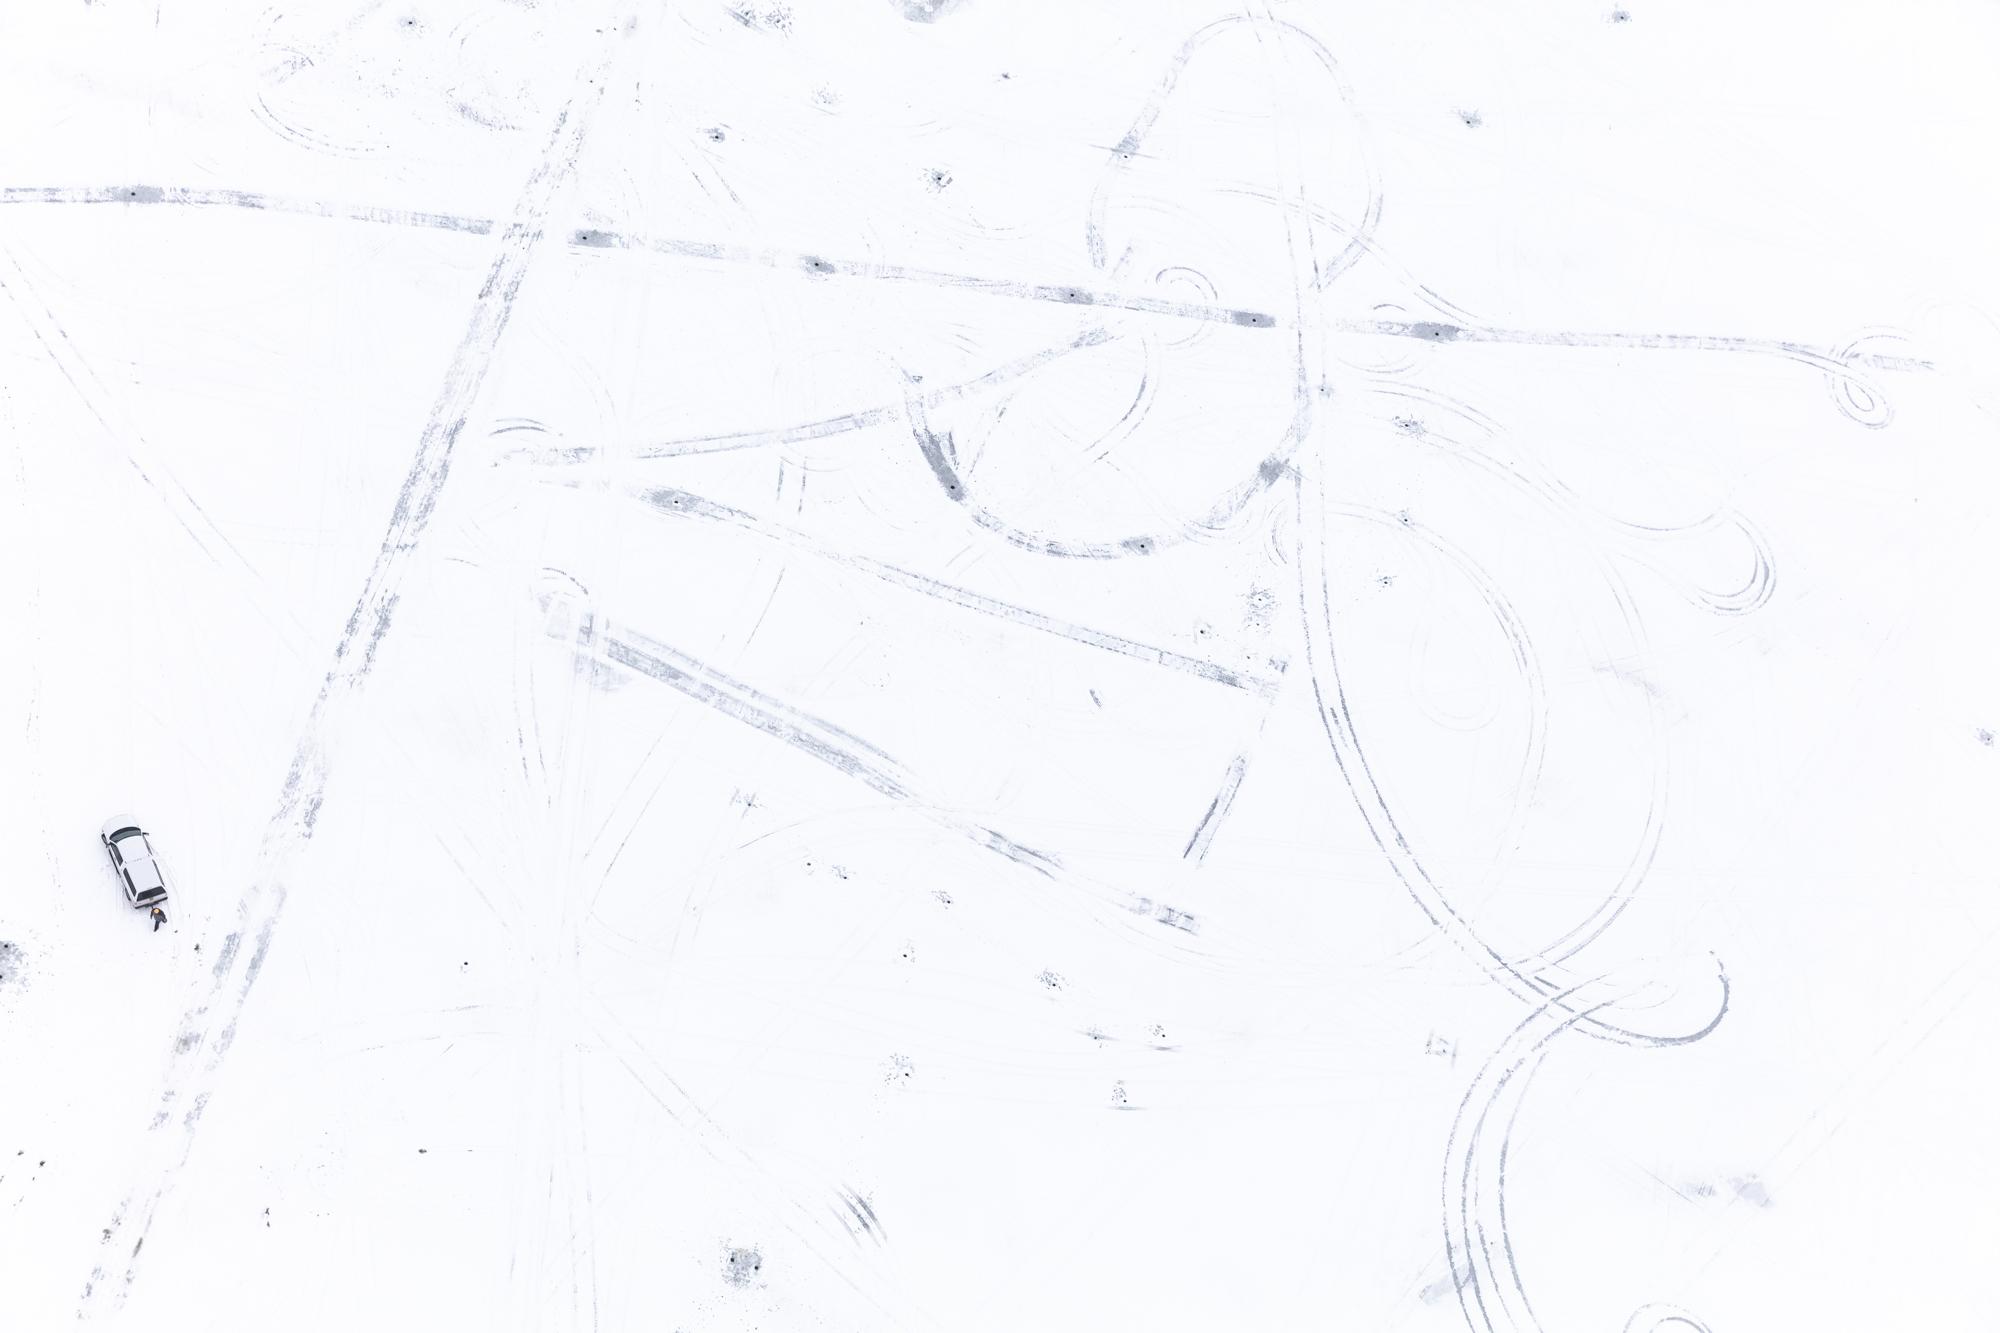 160206_WinterAerials_00621T.JPG